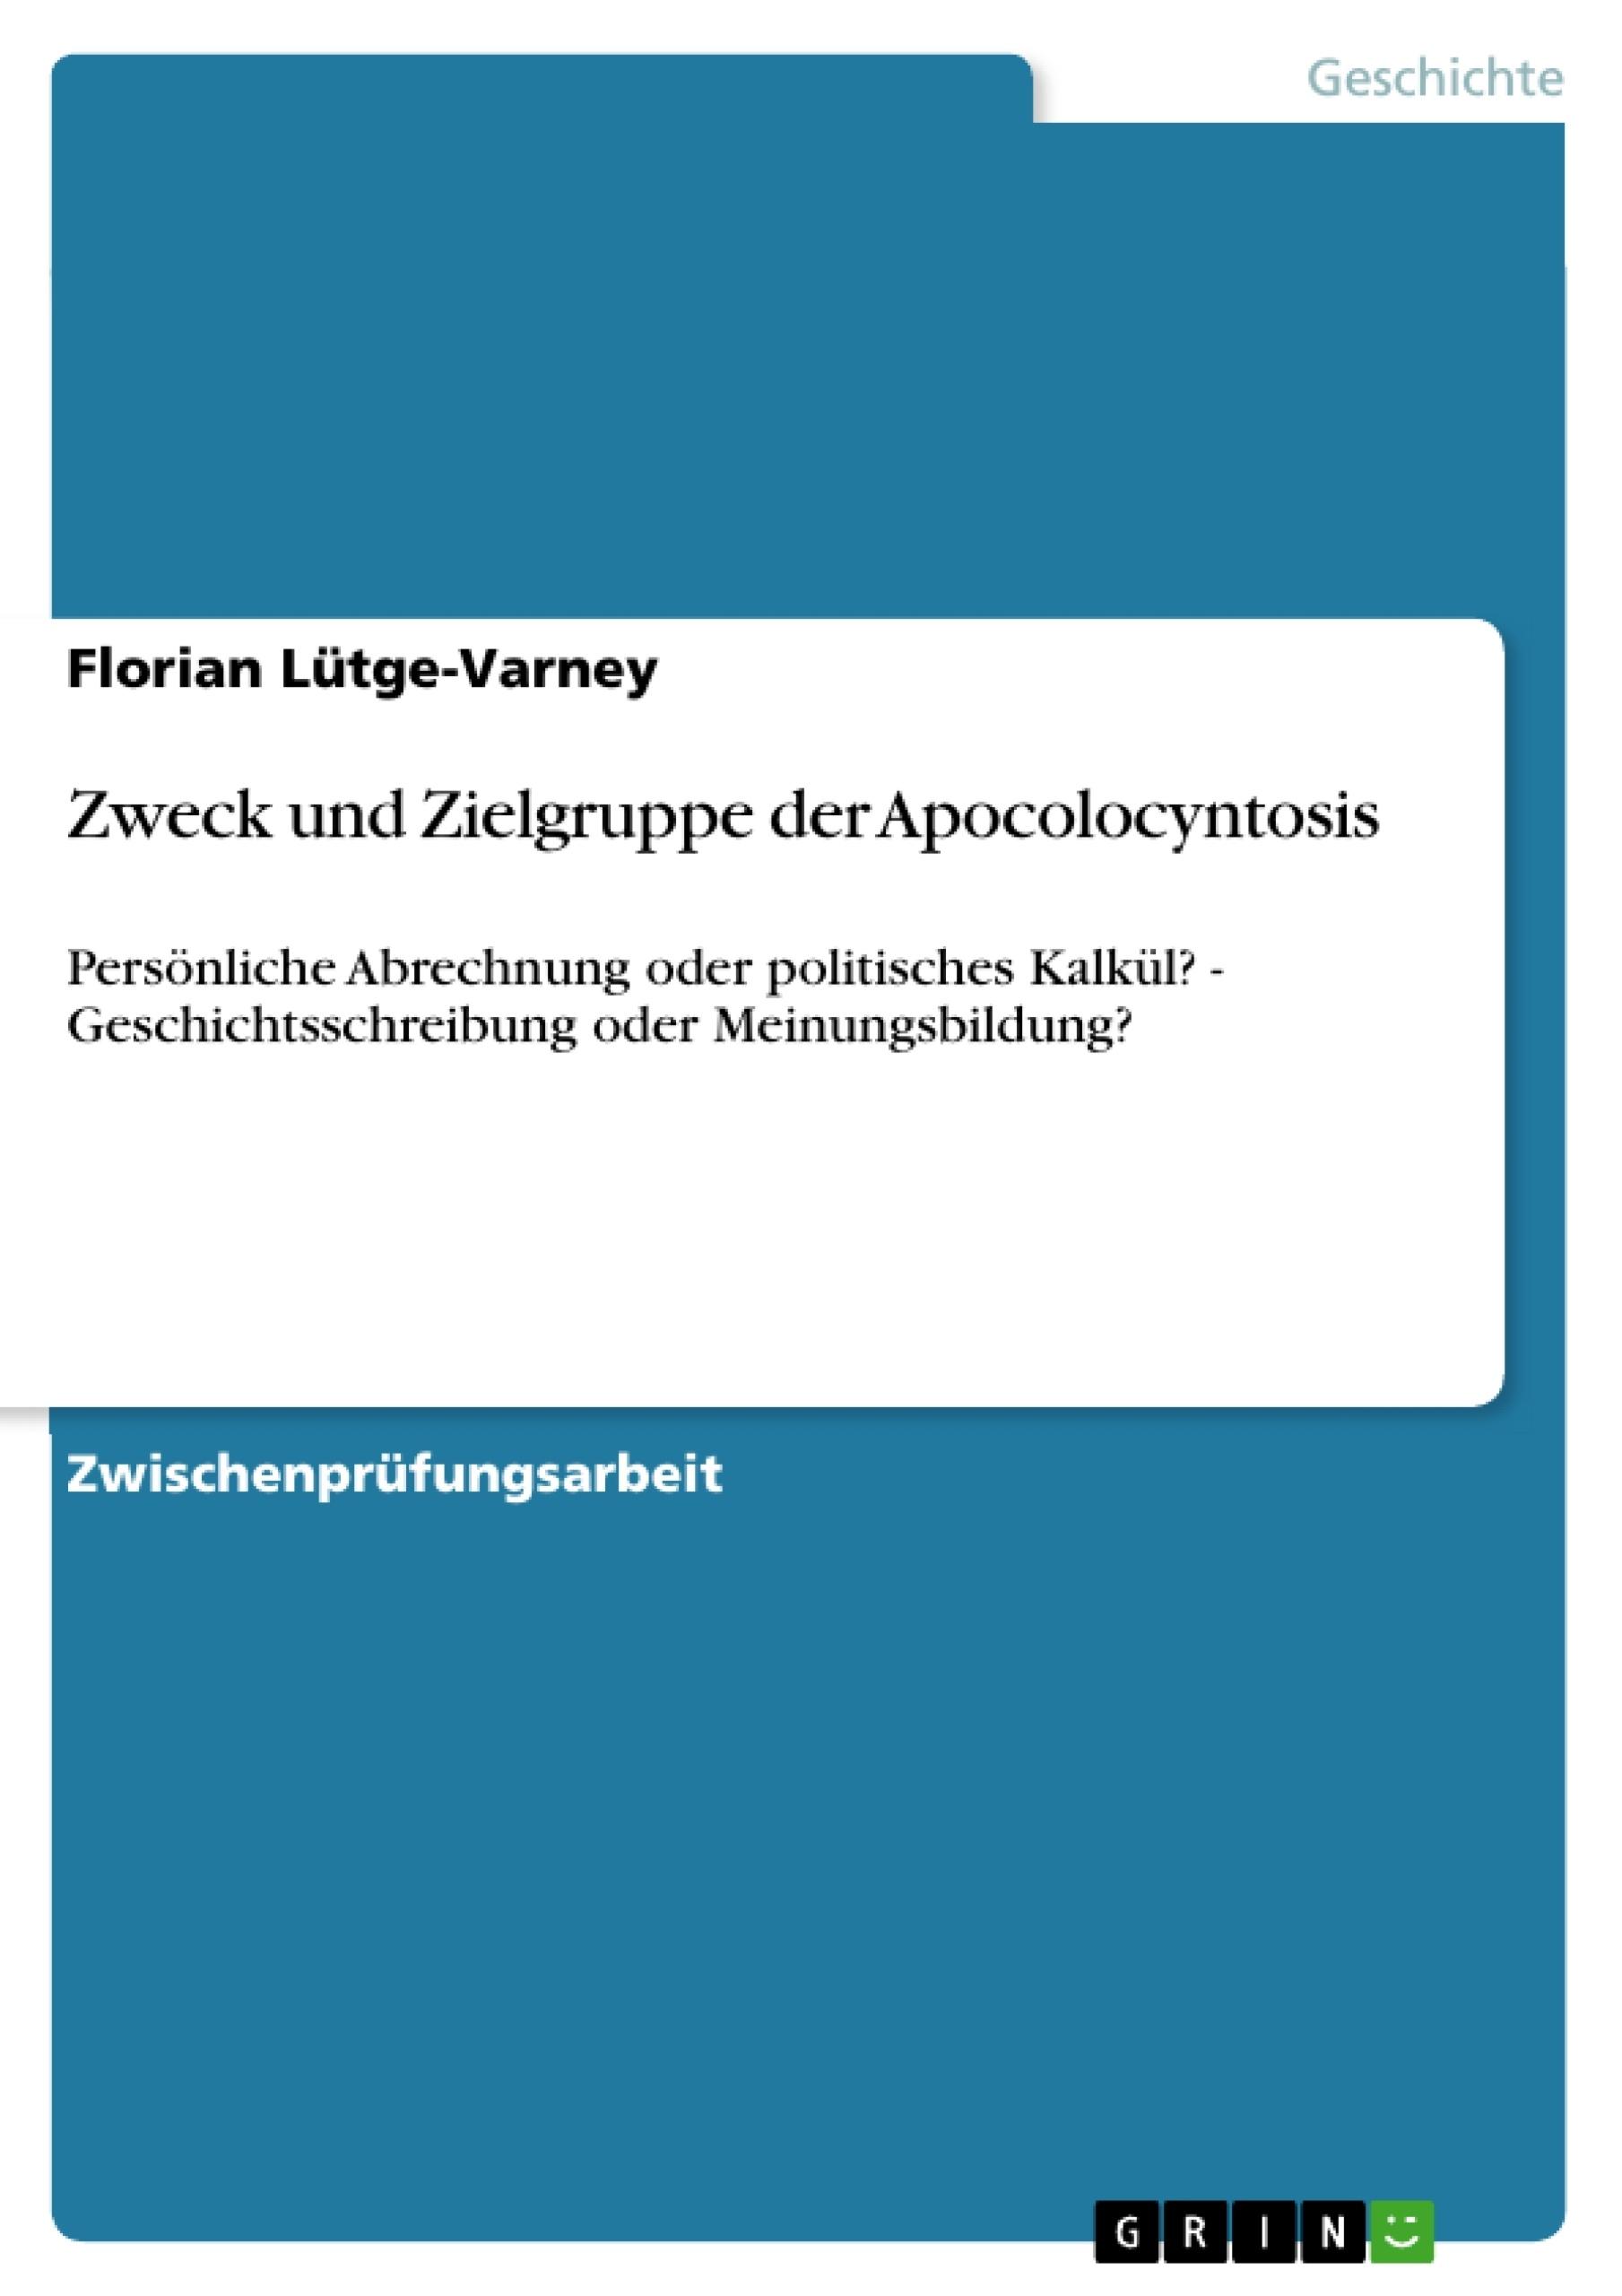 Titel: Zweck und Zielgruppe der Apocolocyntosis